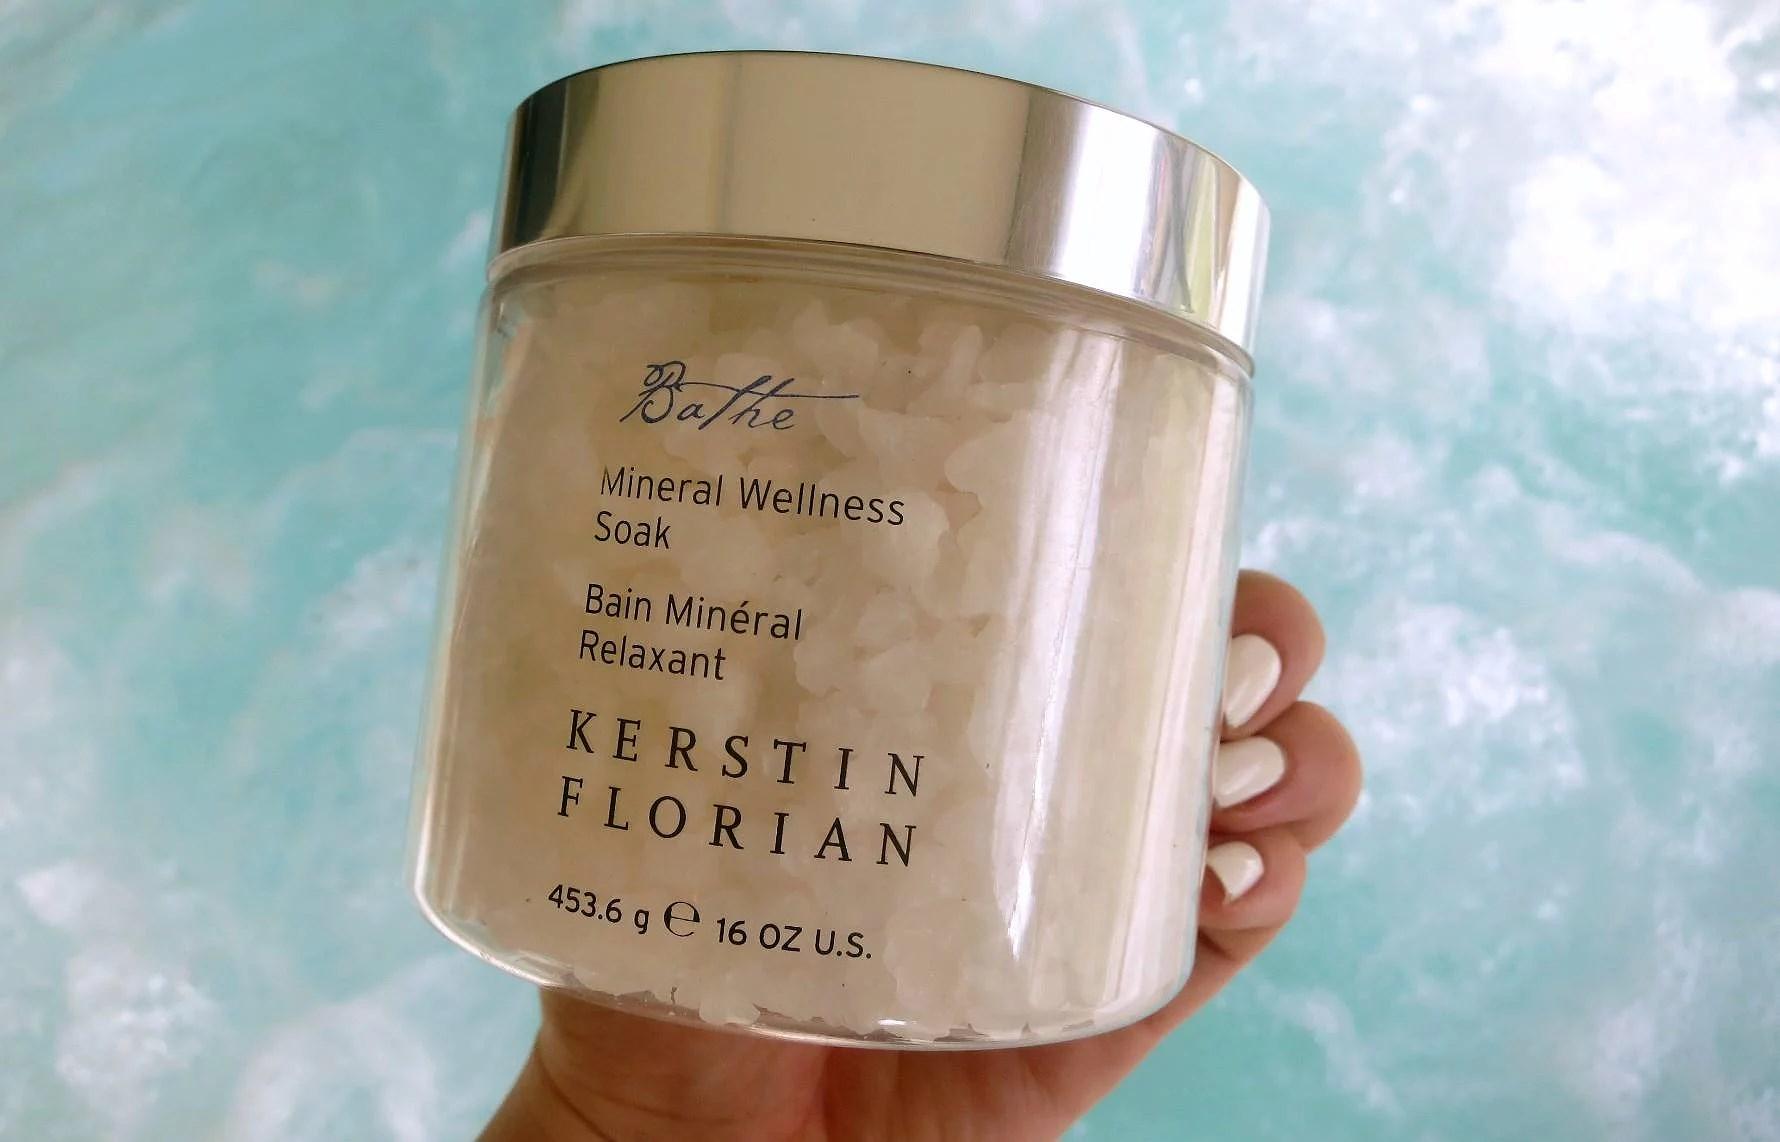 Kerstin Florian - Mineral Wellness Soak